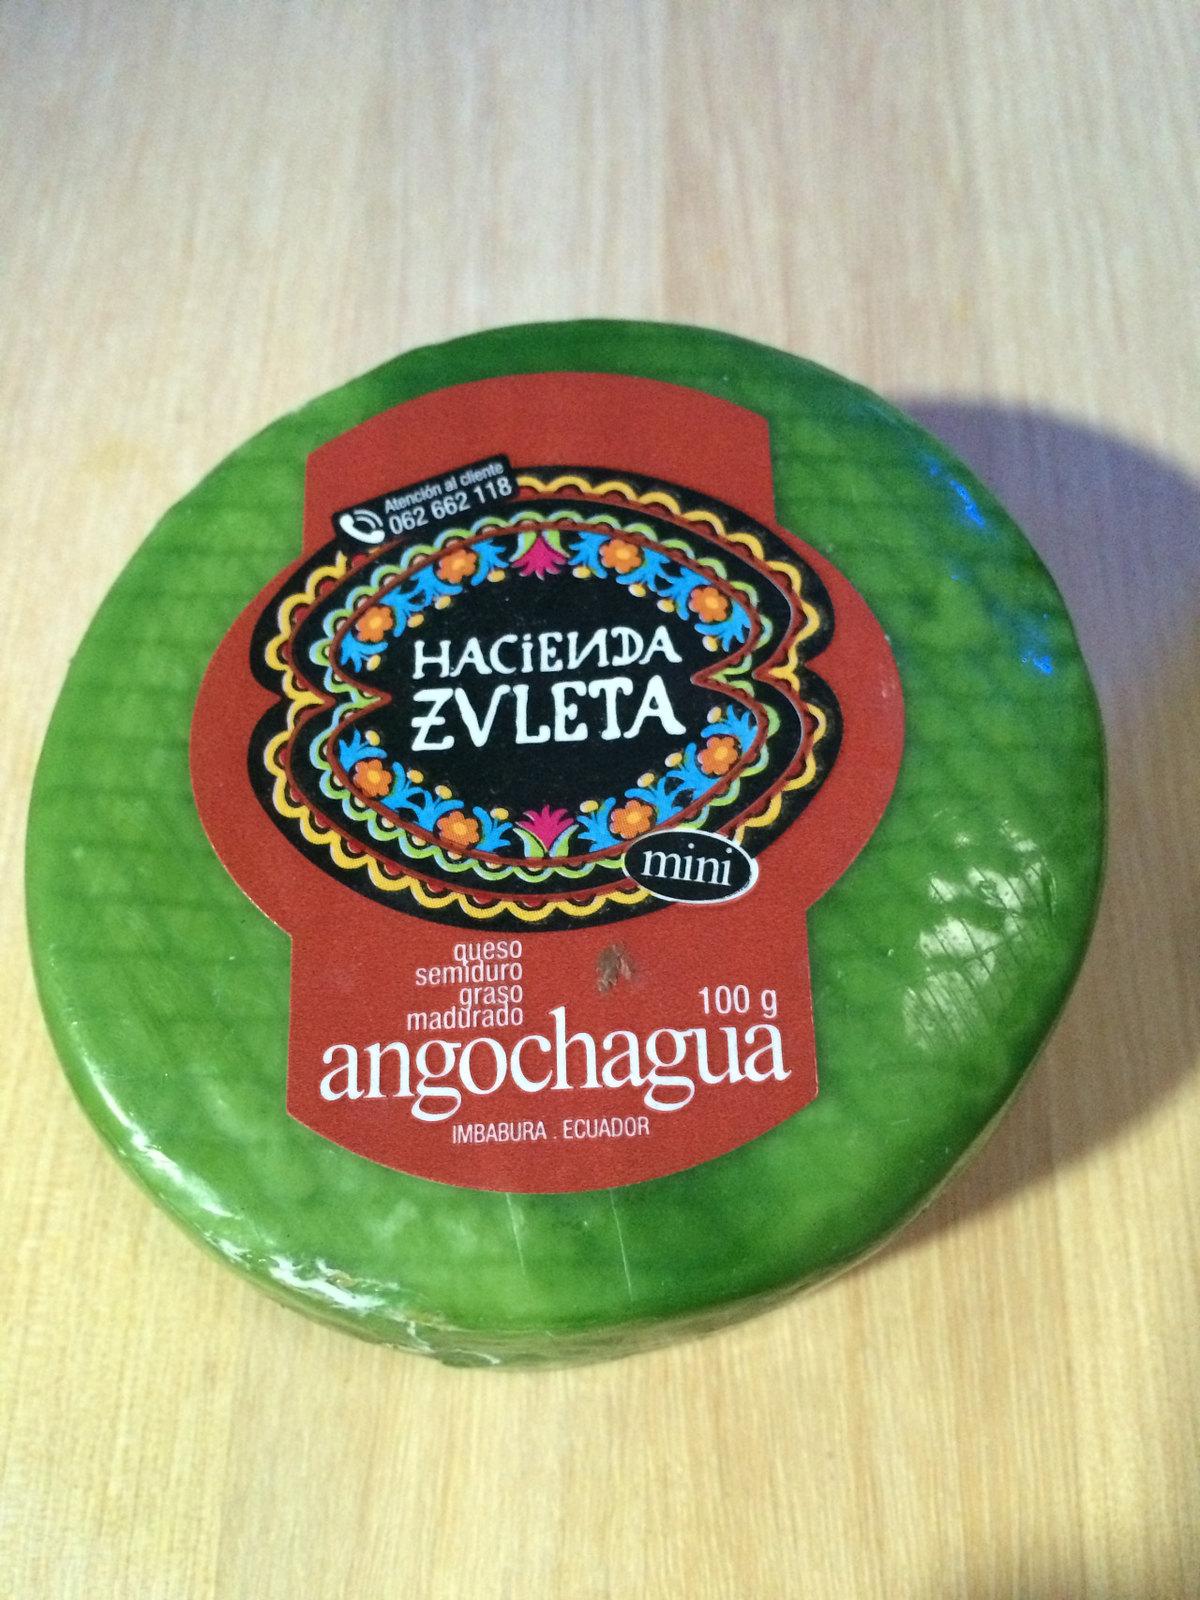 Cabernet Sauvignon and Hacienda Zuleta Cheese 2